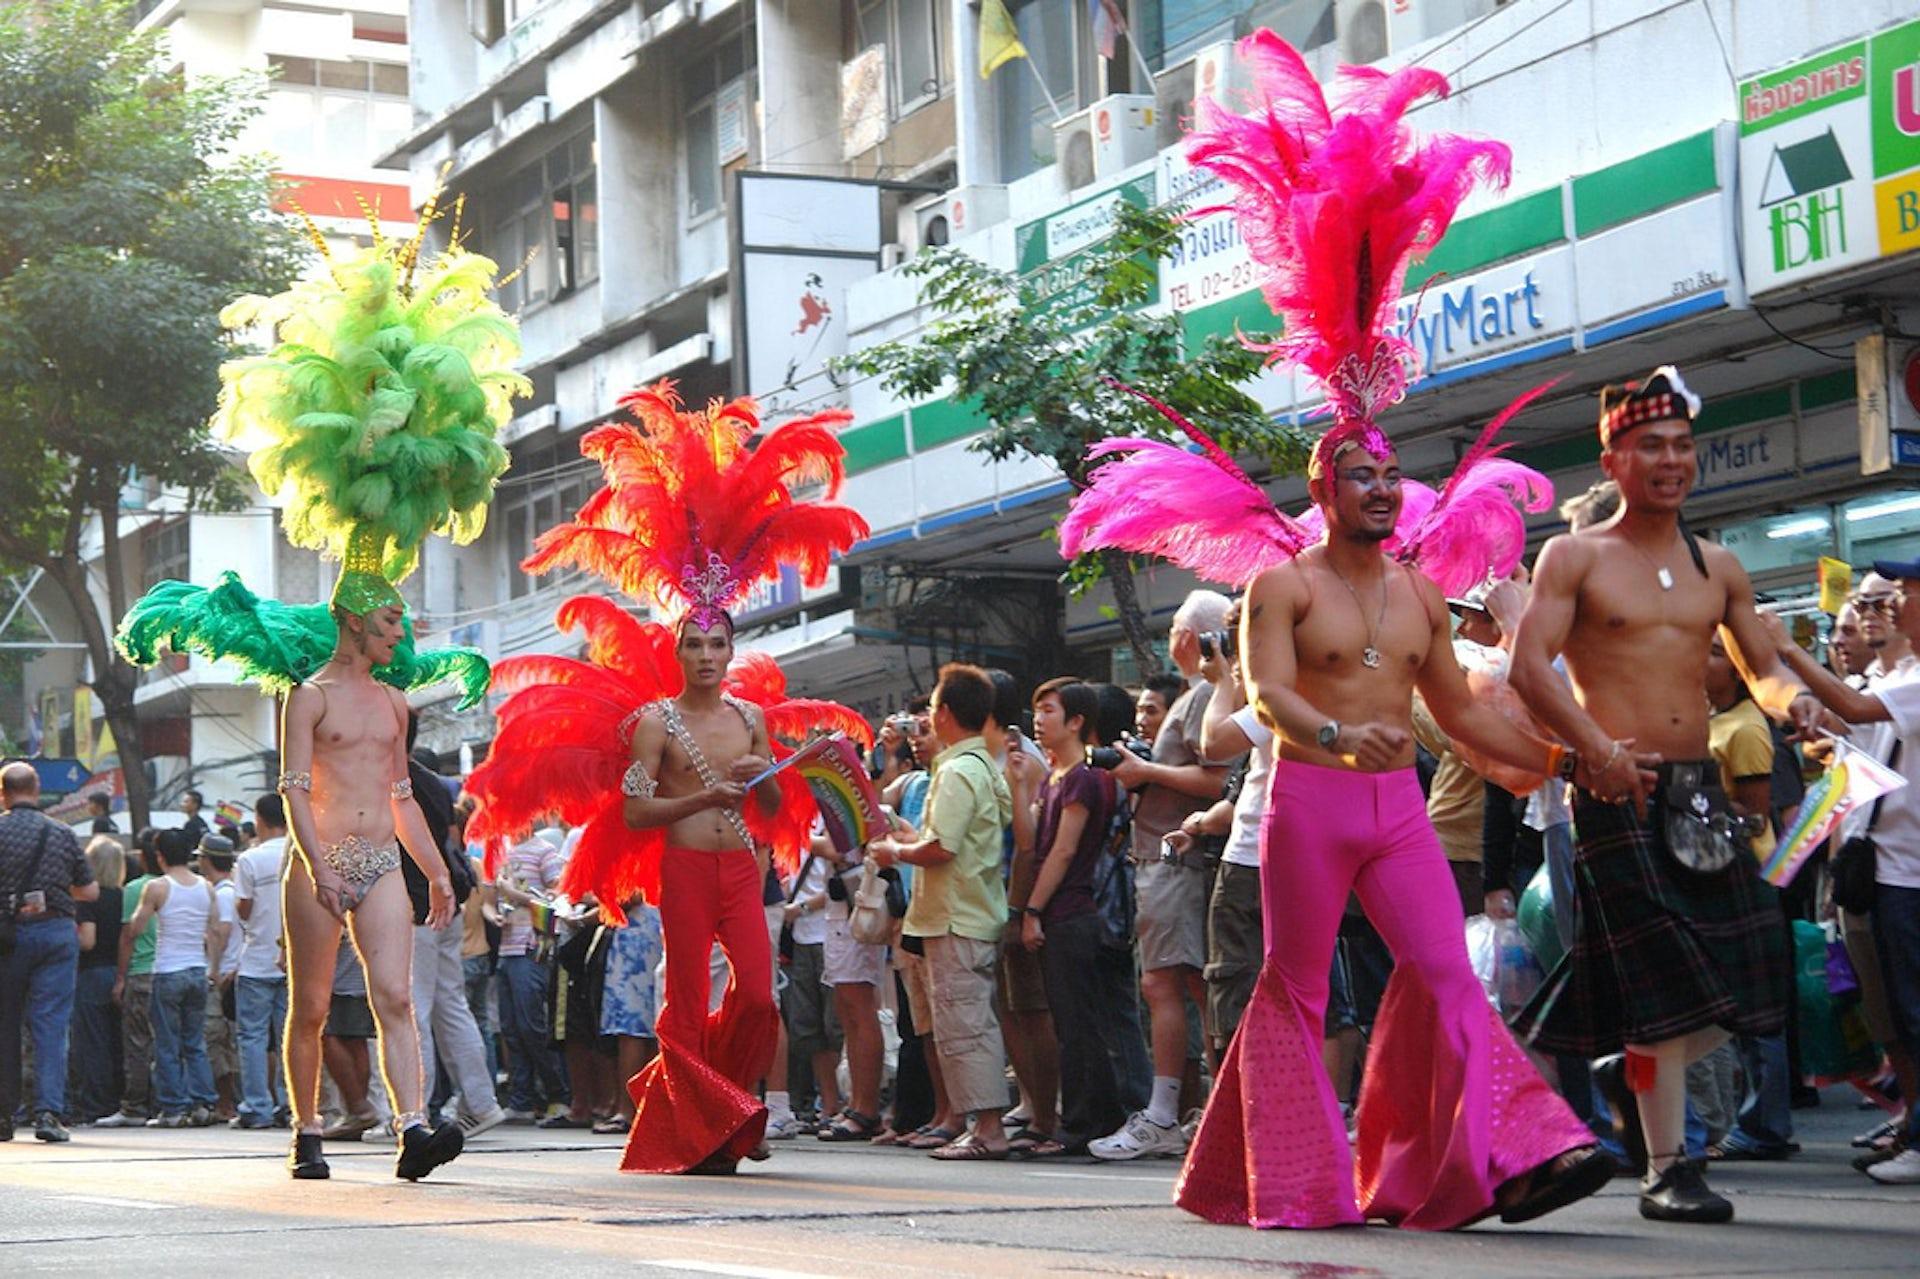 eskorte bangkok homoseksuell tinder dating app